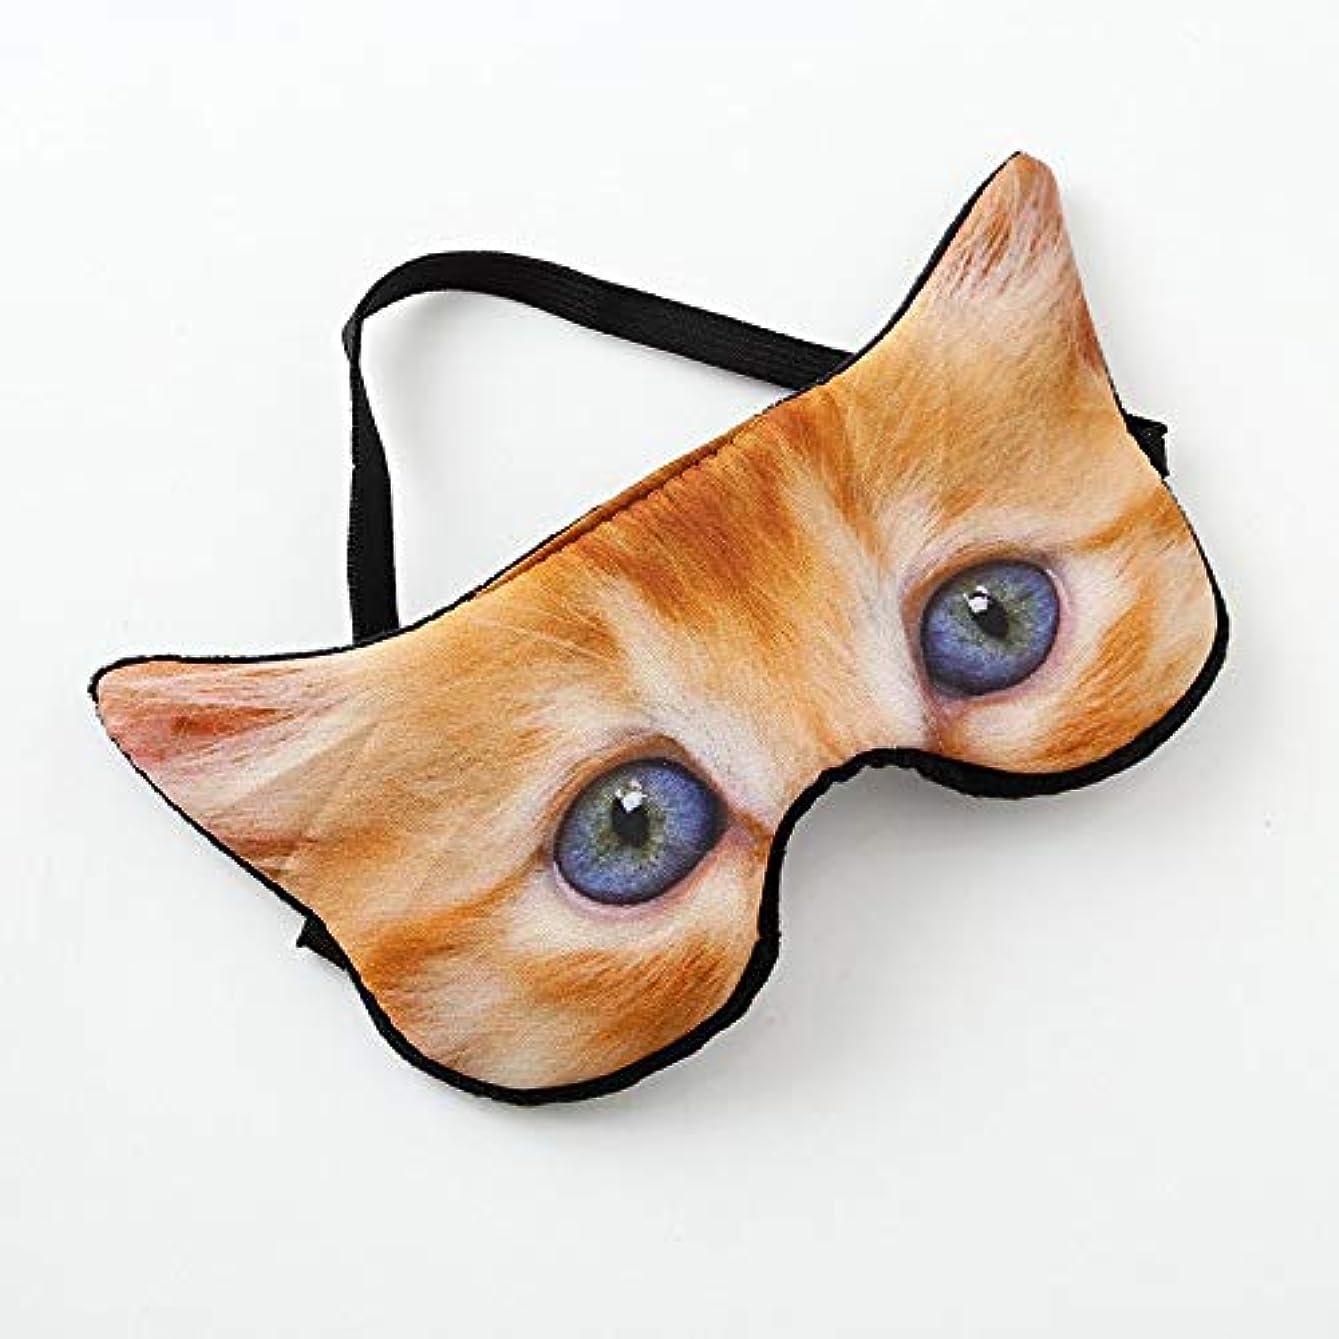 エッセイスピリチュアル足音NOTE 3d動物漫画アイマスク用睡眠現実的なソフト目隠しクリエイティブタイガーパグ猫アイパッチシェーディングアイシェードカバー調整可能